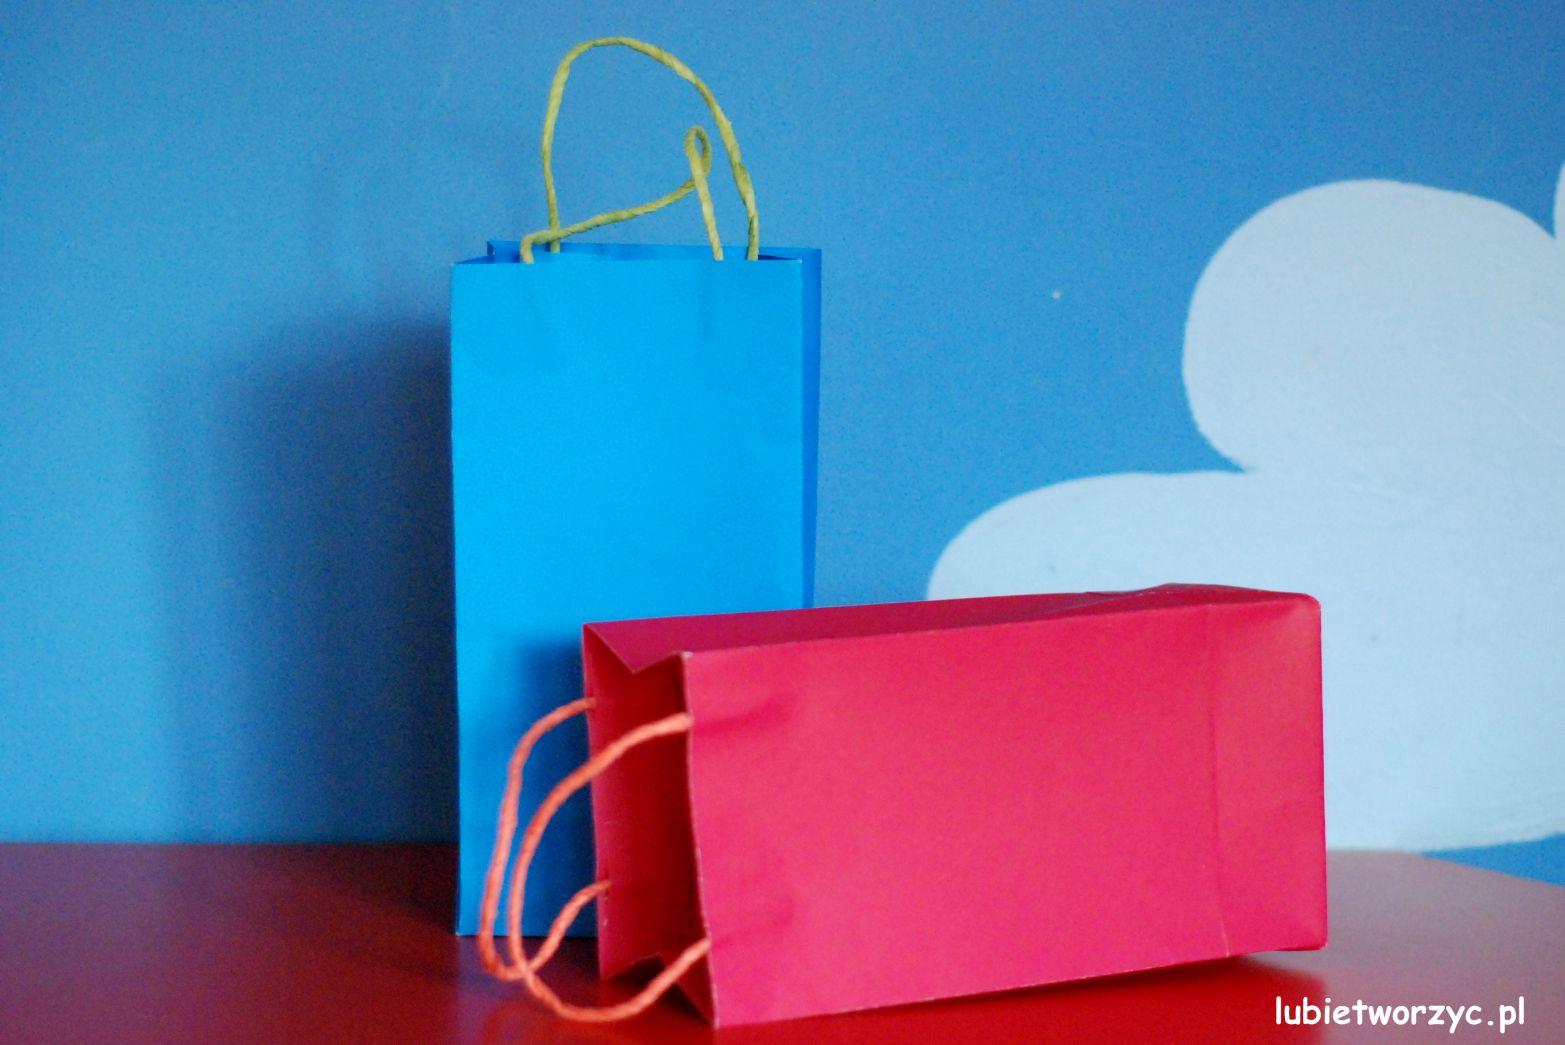 81bc05225d667 Jak zrobić papierową torbę prezentową - video   Handmade   zBLOGowani